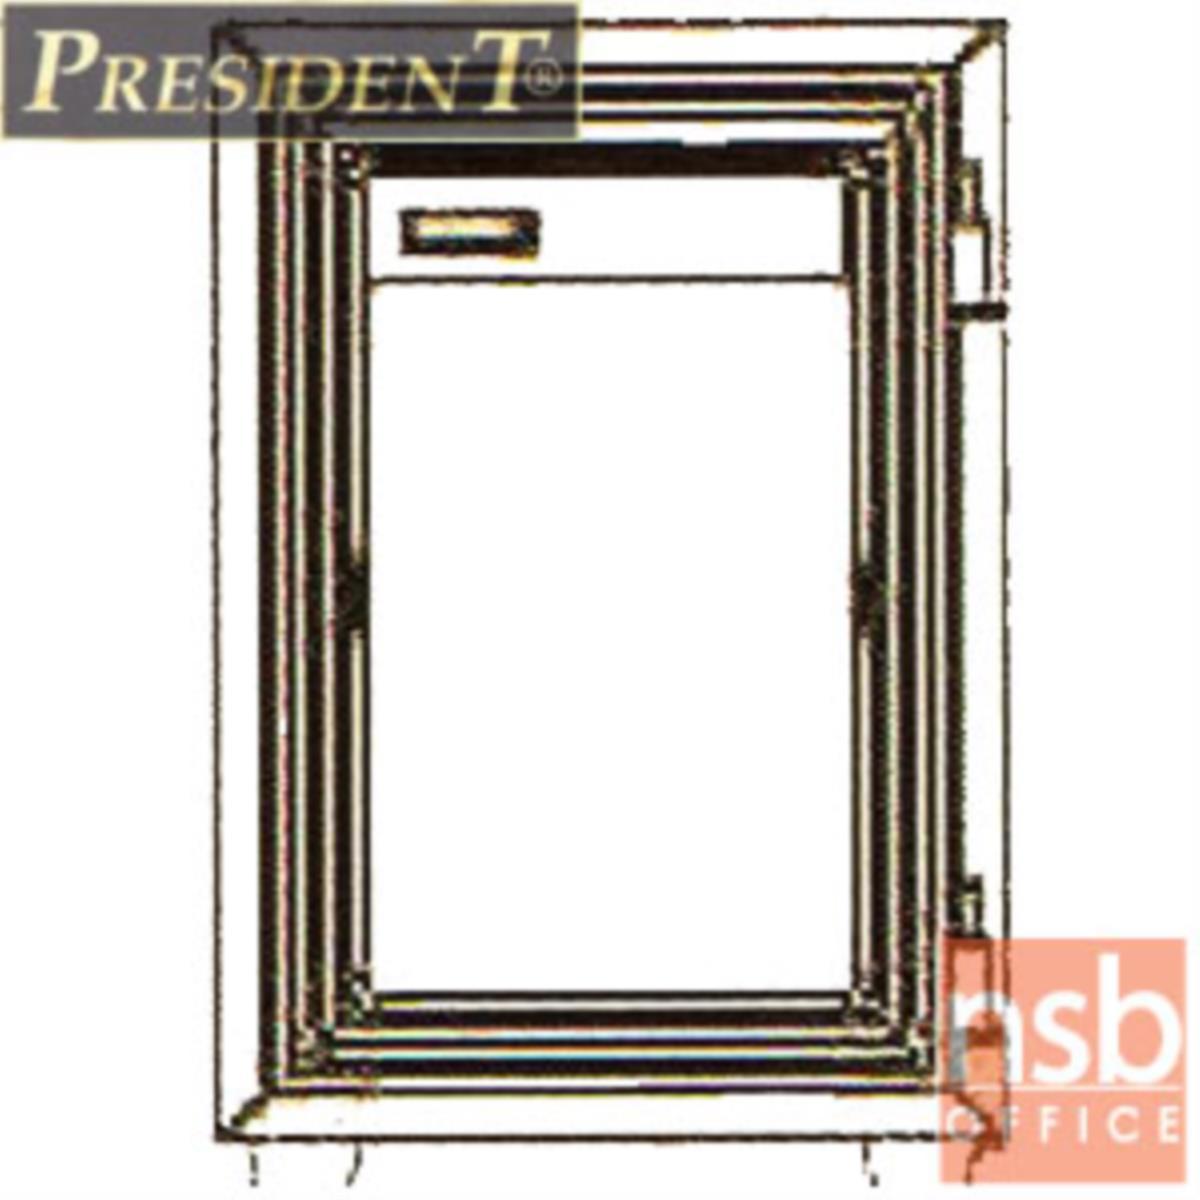 ตู้เซฟนิรภัยชนิดดิจิตอล 50 กก.  รุ่น PRESIDENT-SS2D มี 1 กุญแจ 1 รหัส (รหัสใช้กดหน้าตู้)